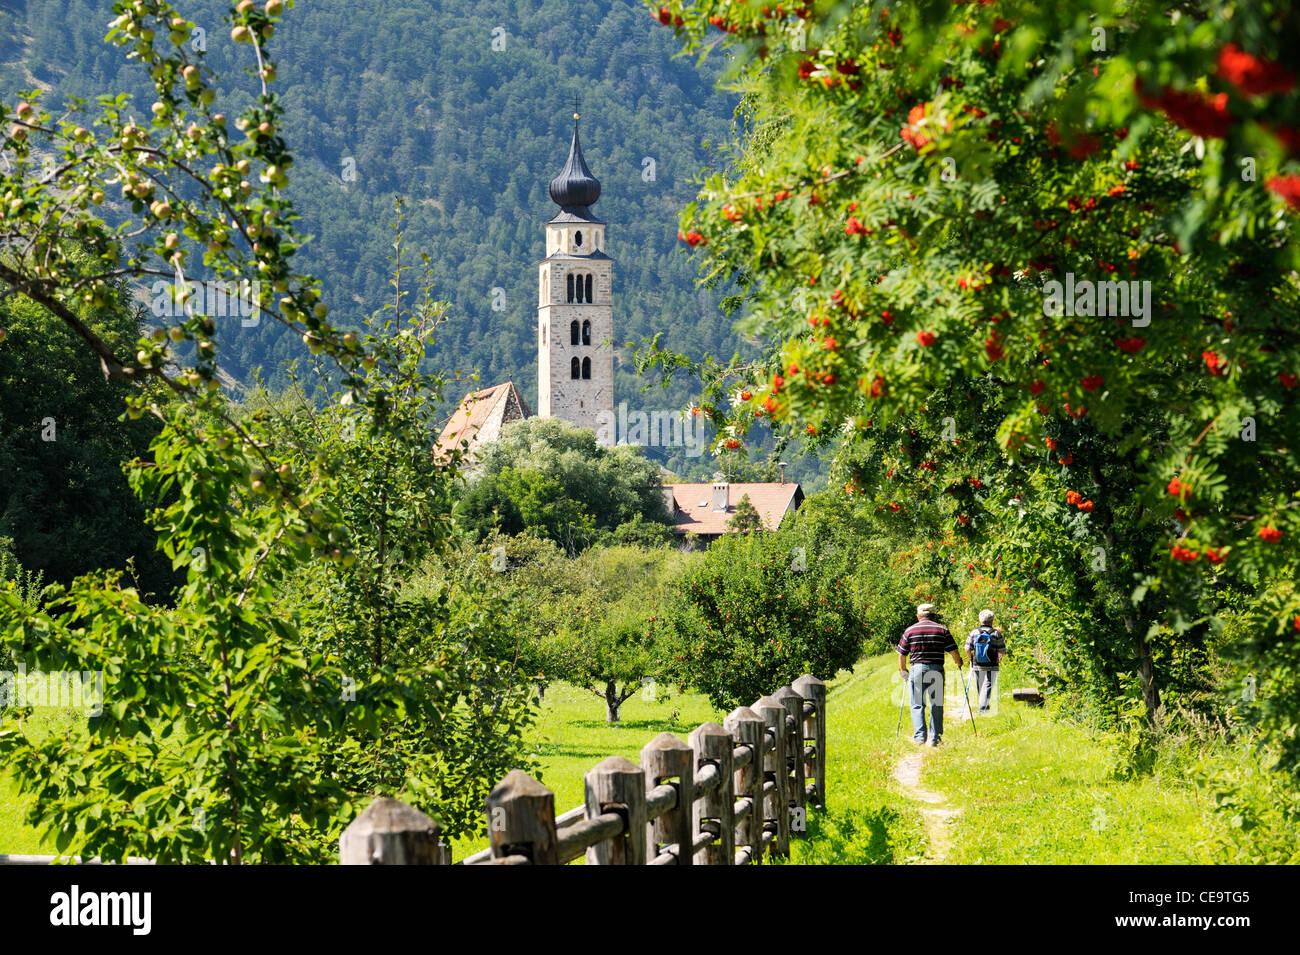 Riverside Weg zur Kirche von San Pancrazio neben den mittelalterlichen Mauern umgebene Stadt der Stadt Glurns Glurns. Stockbild